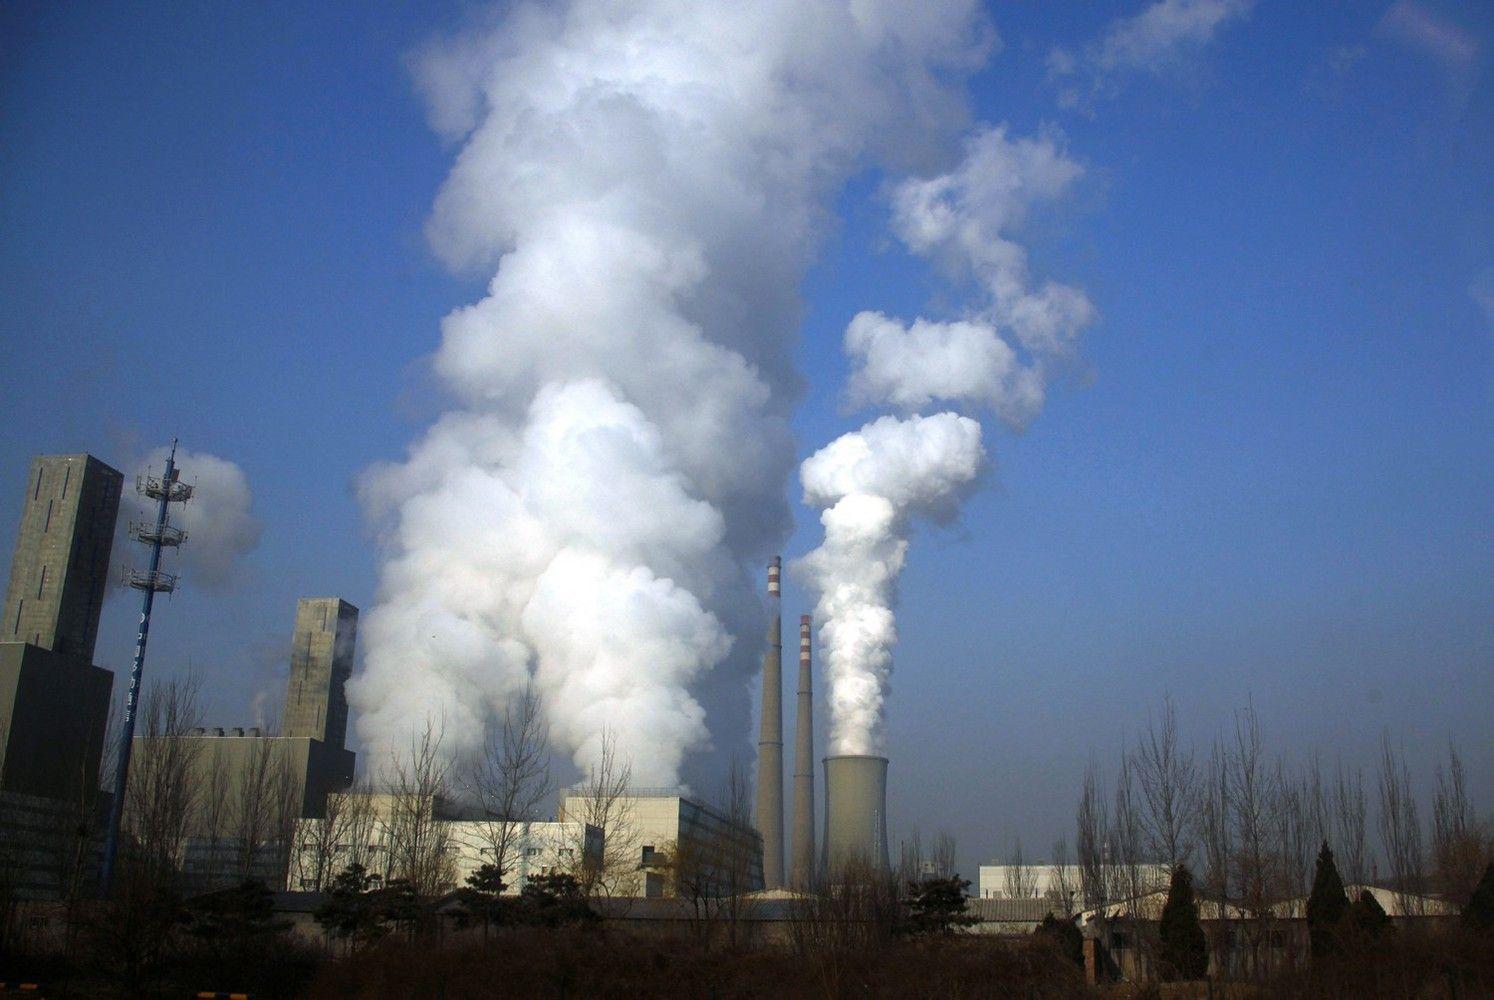 Vieniems kovojant su anglimi kiti drastiškaididina elektrinių kiekį